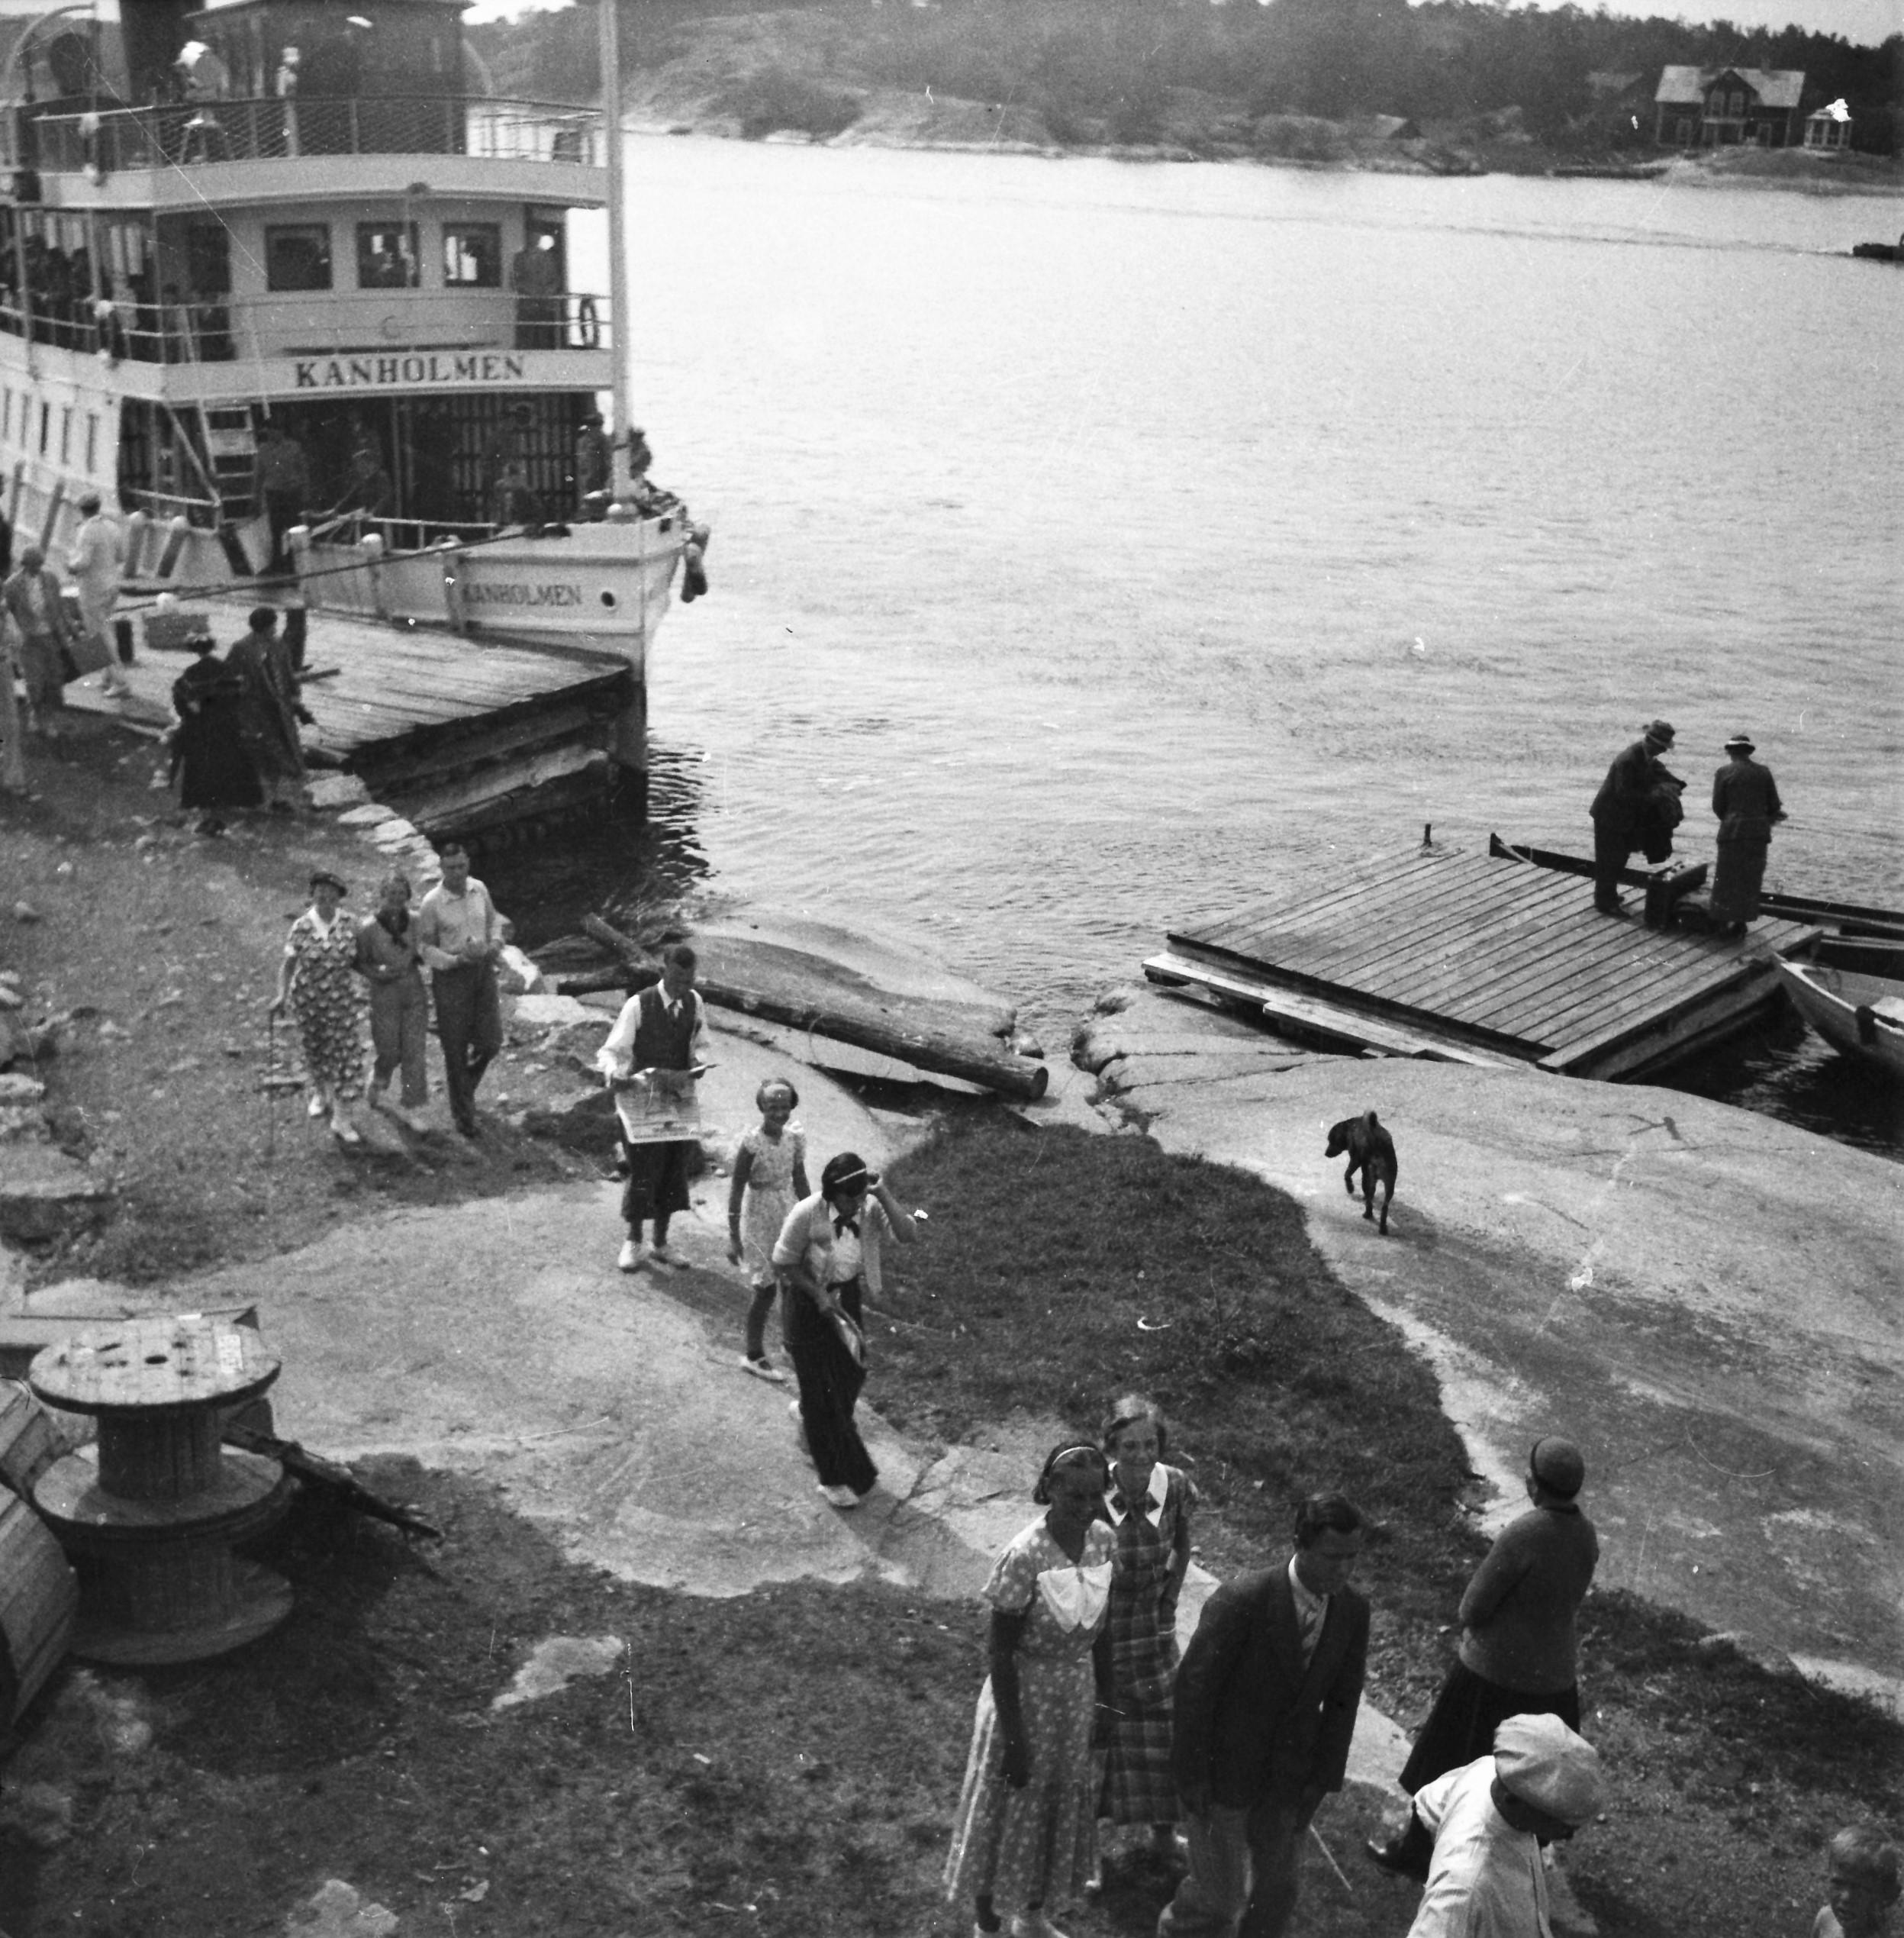 Kanholmen-1936 (foto: S-O Fredriksson)